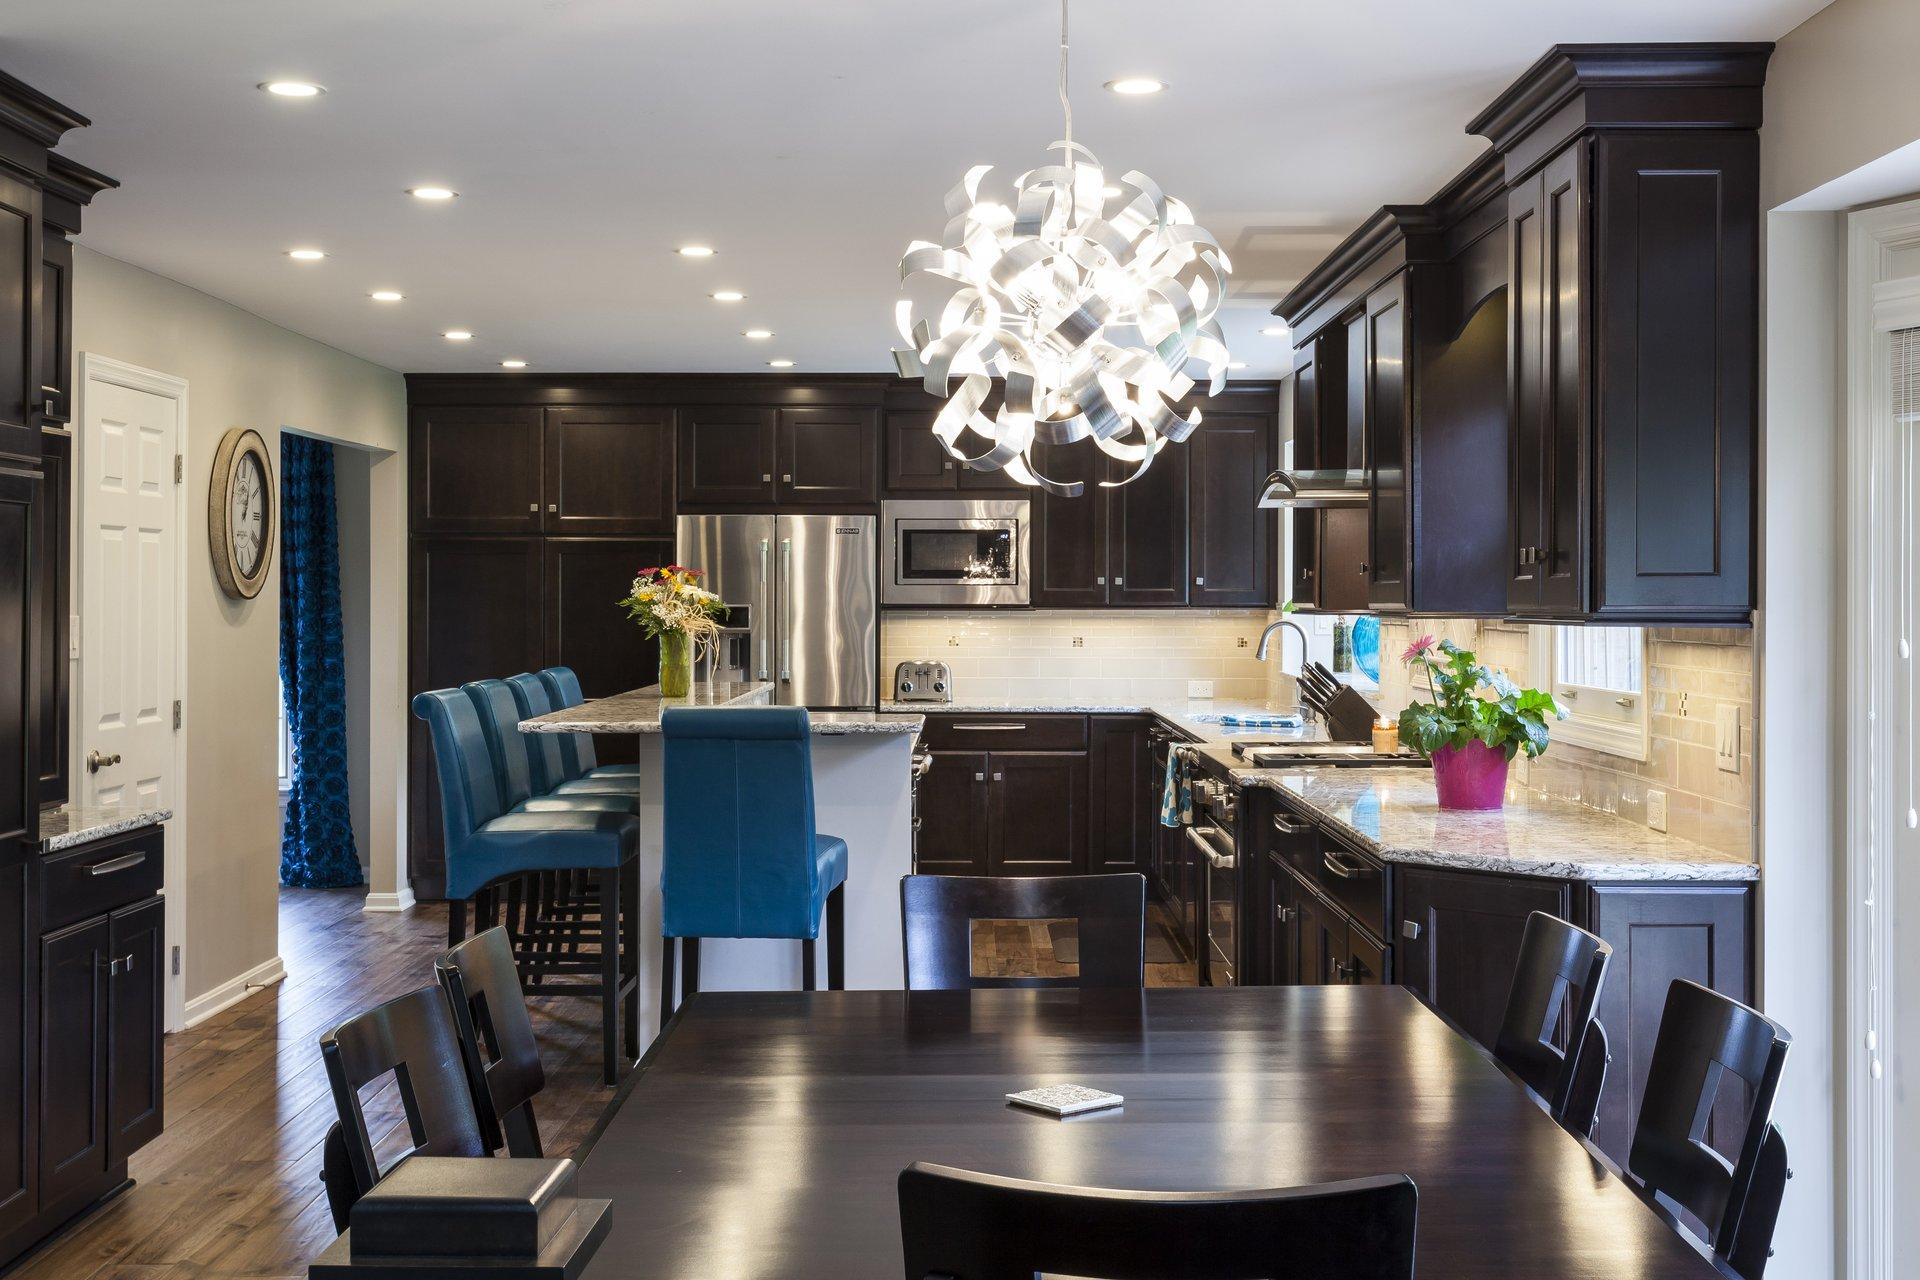 Designer Kitchens West End Reviews